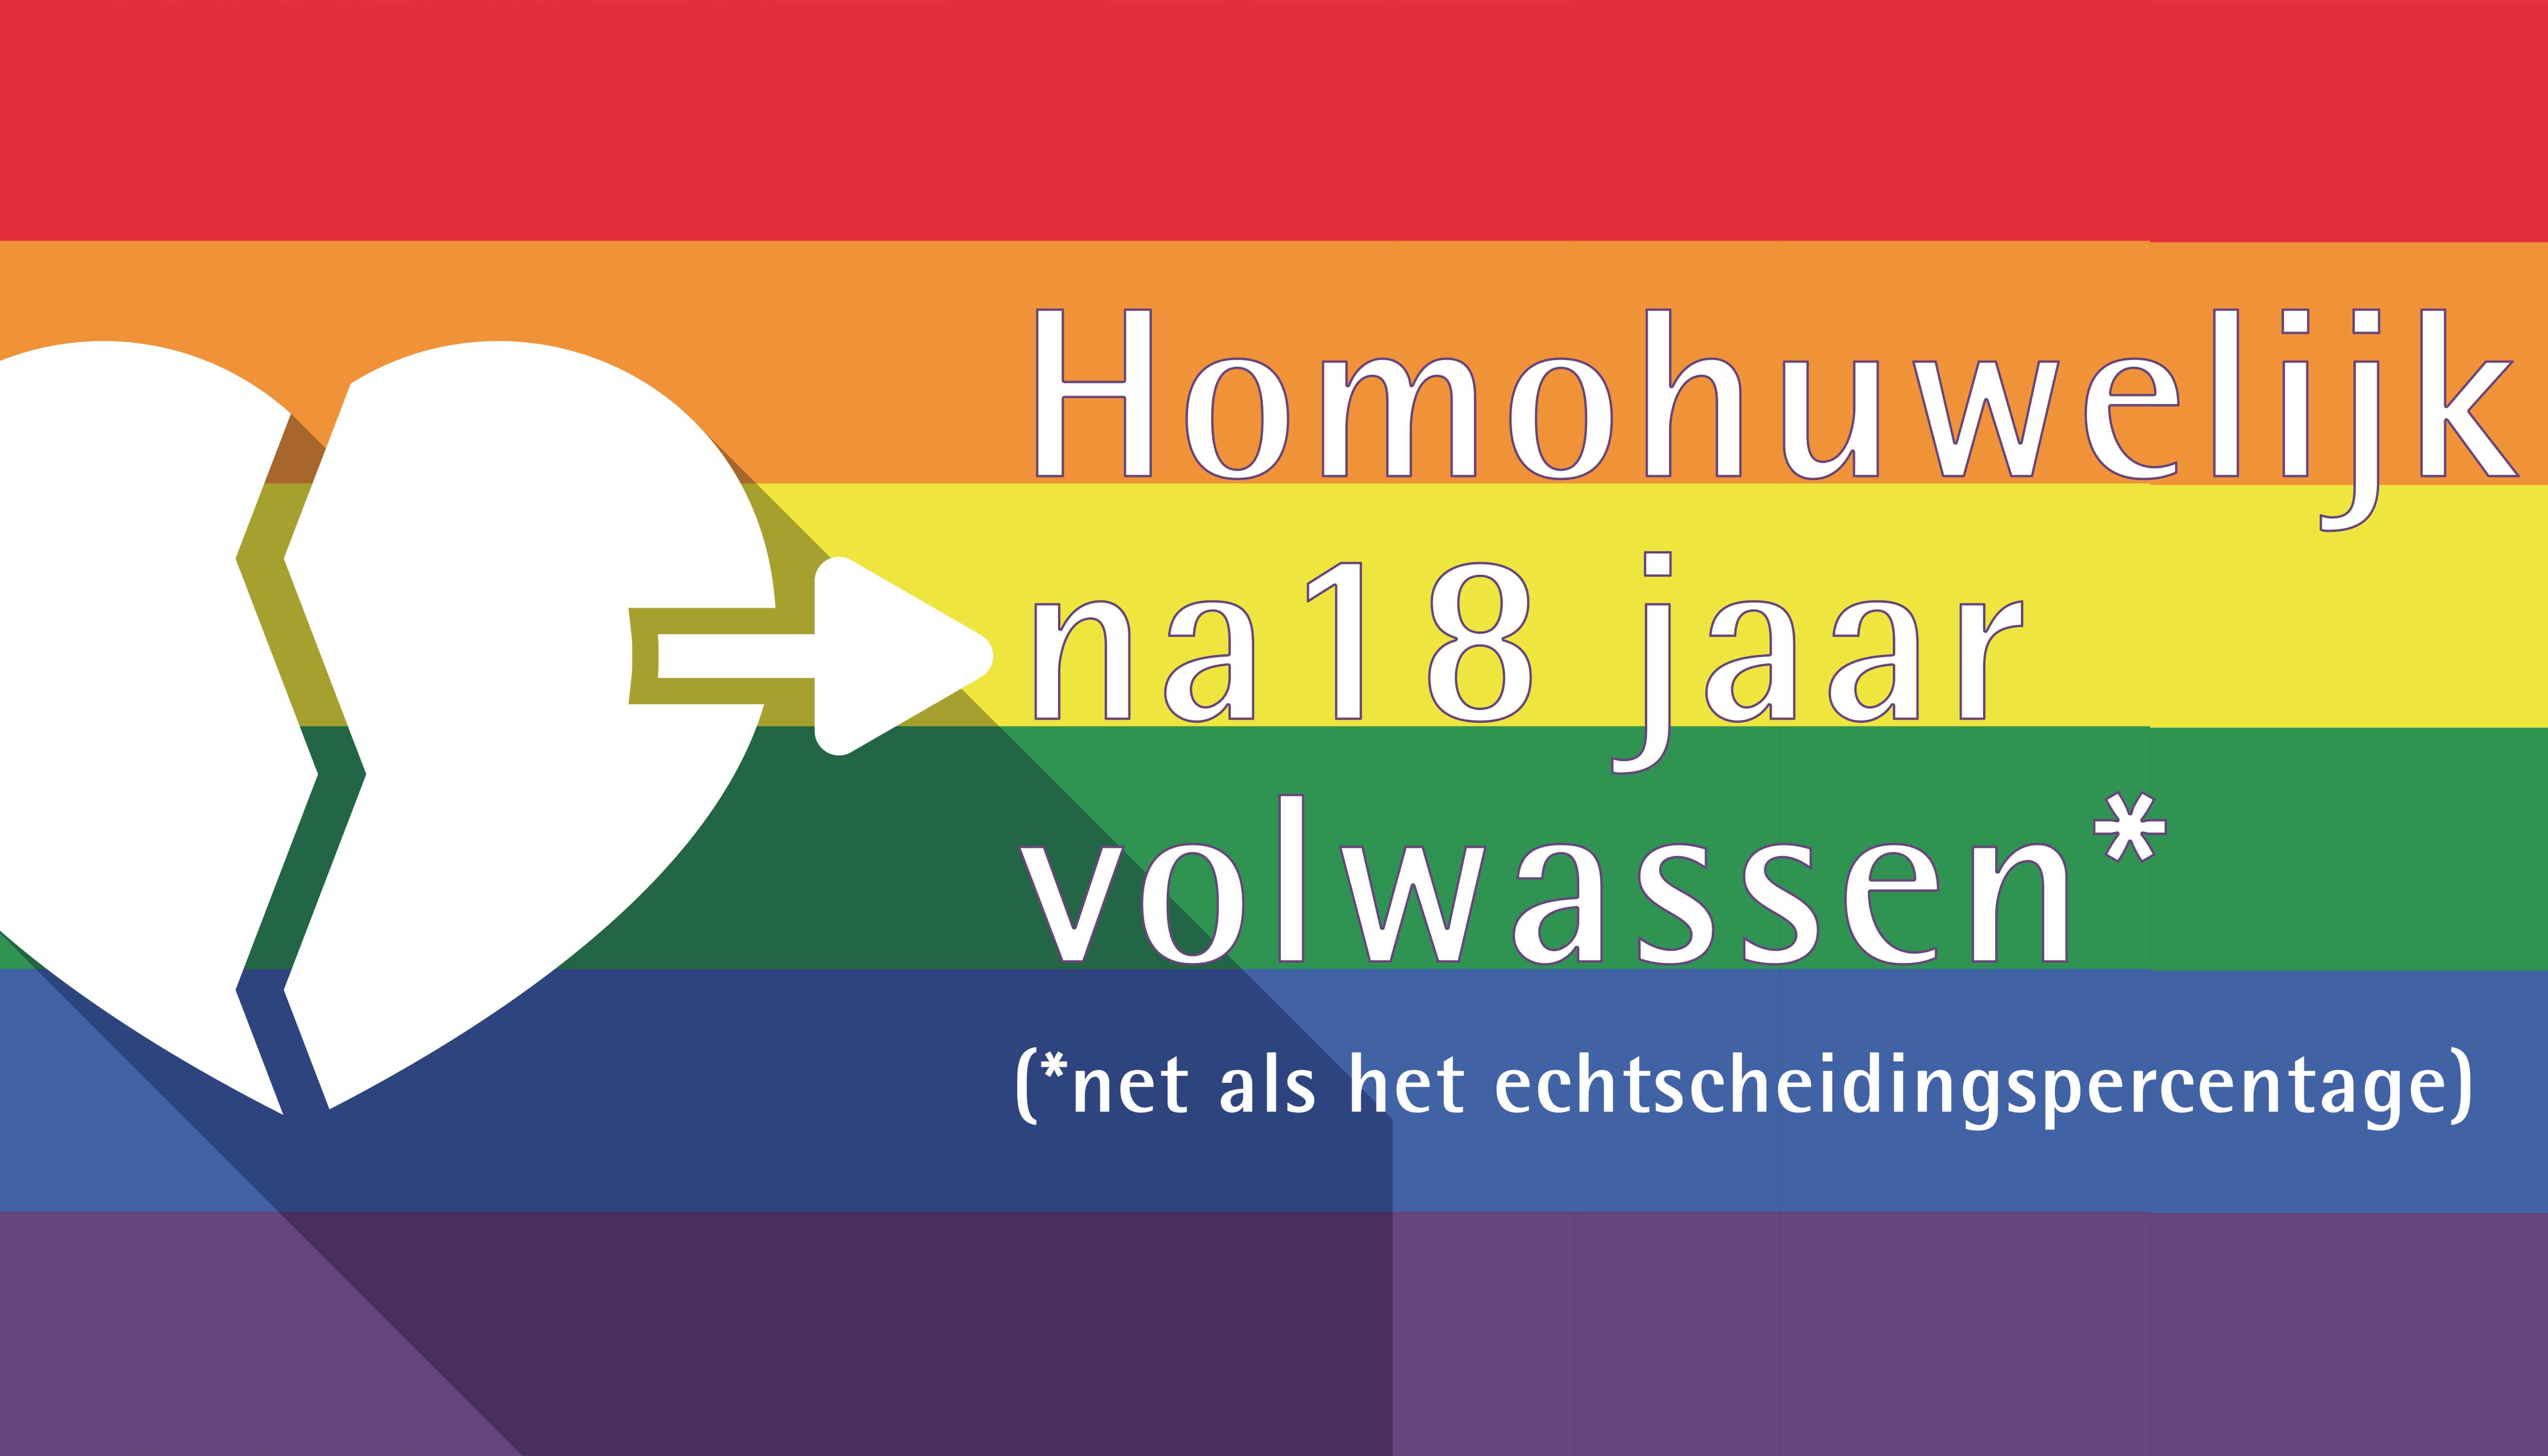 Homohuwelijk volwassen